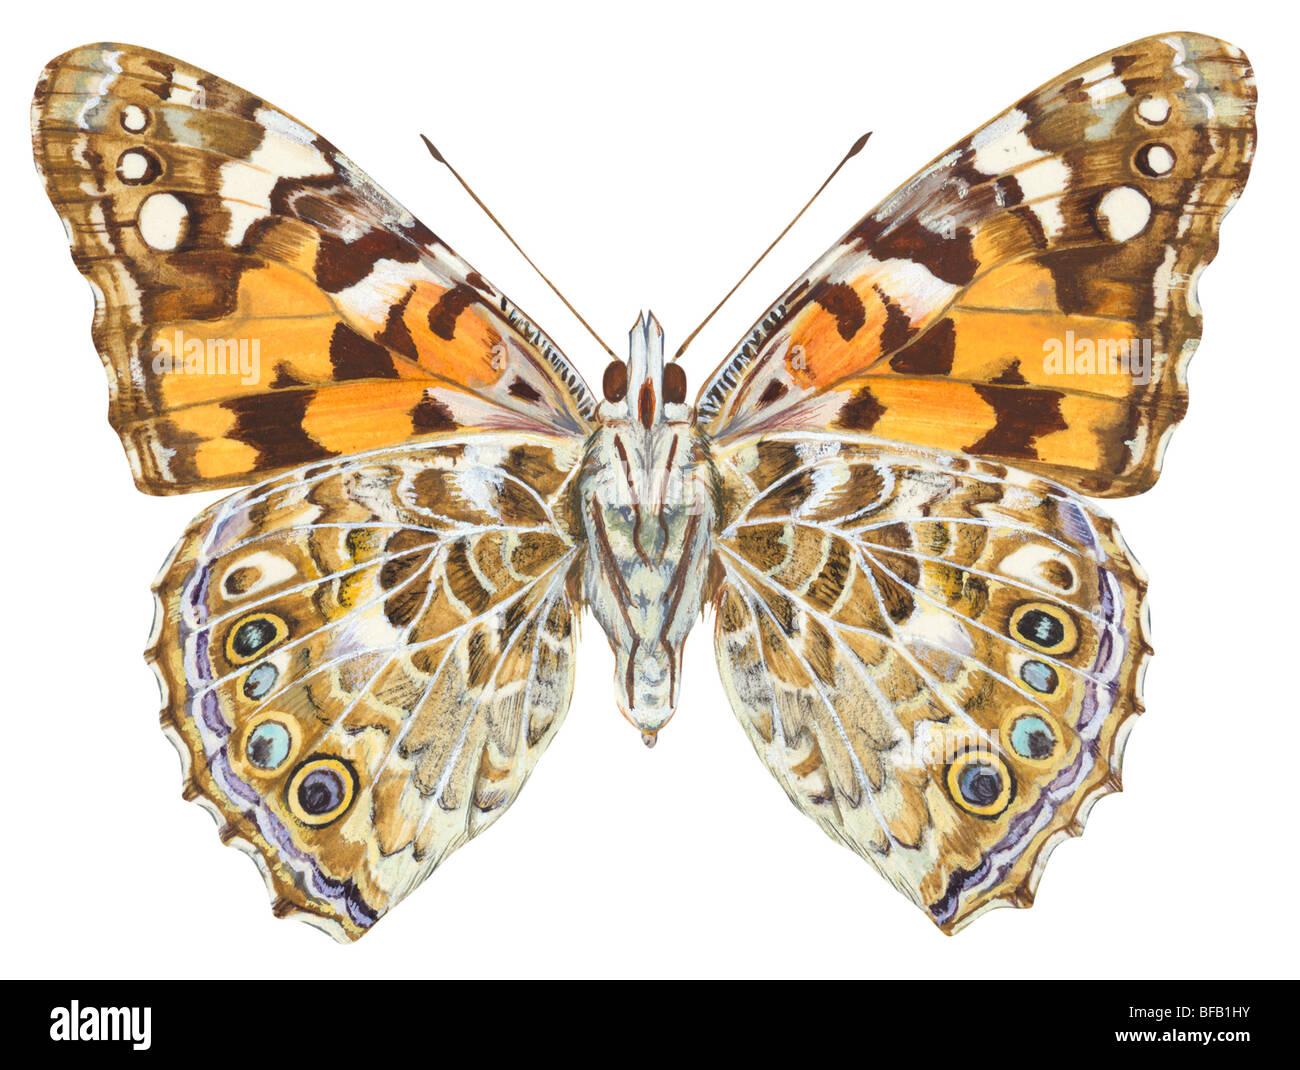 Painted Lady butterfly (Vanessa virginiensis). Imagen De Stock